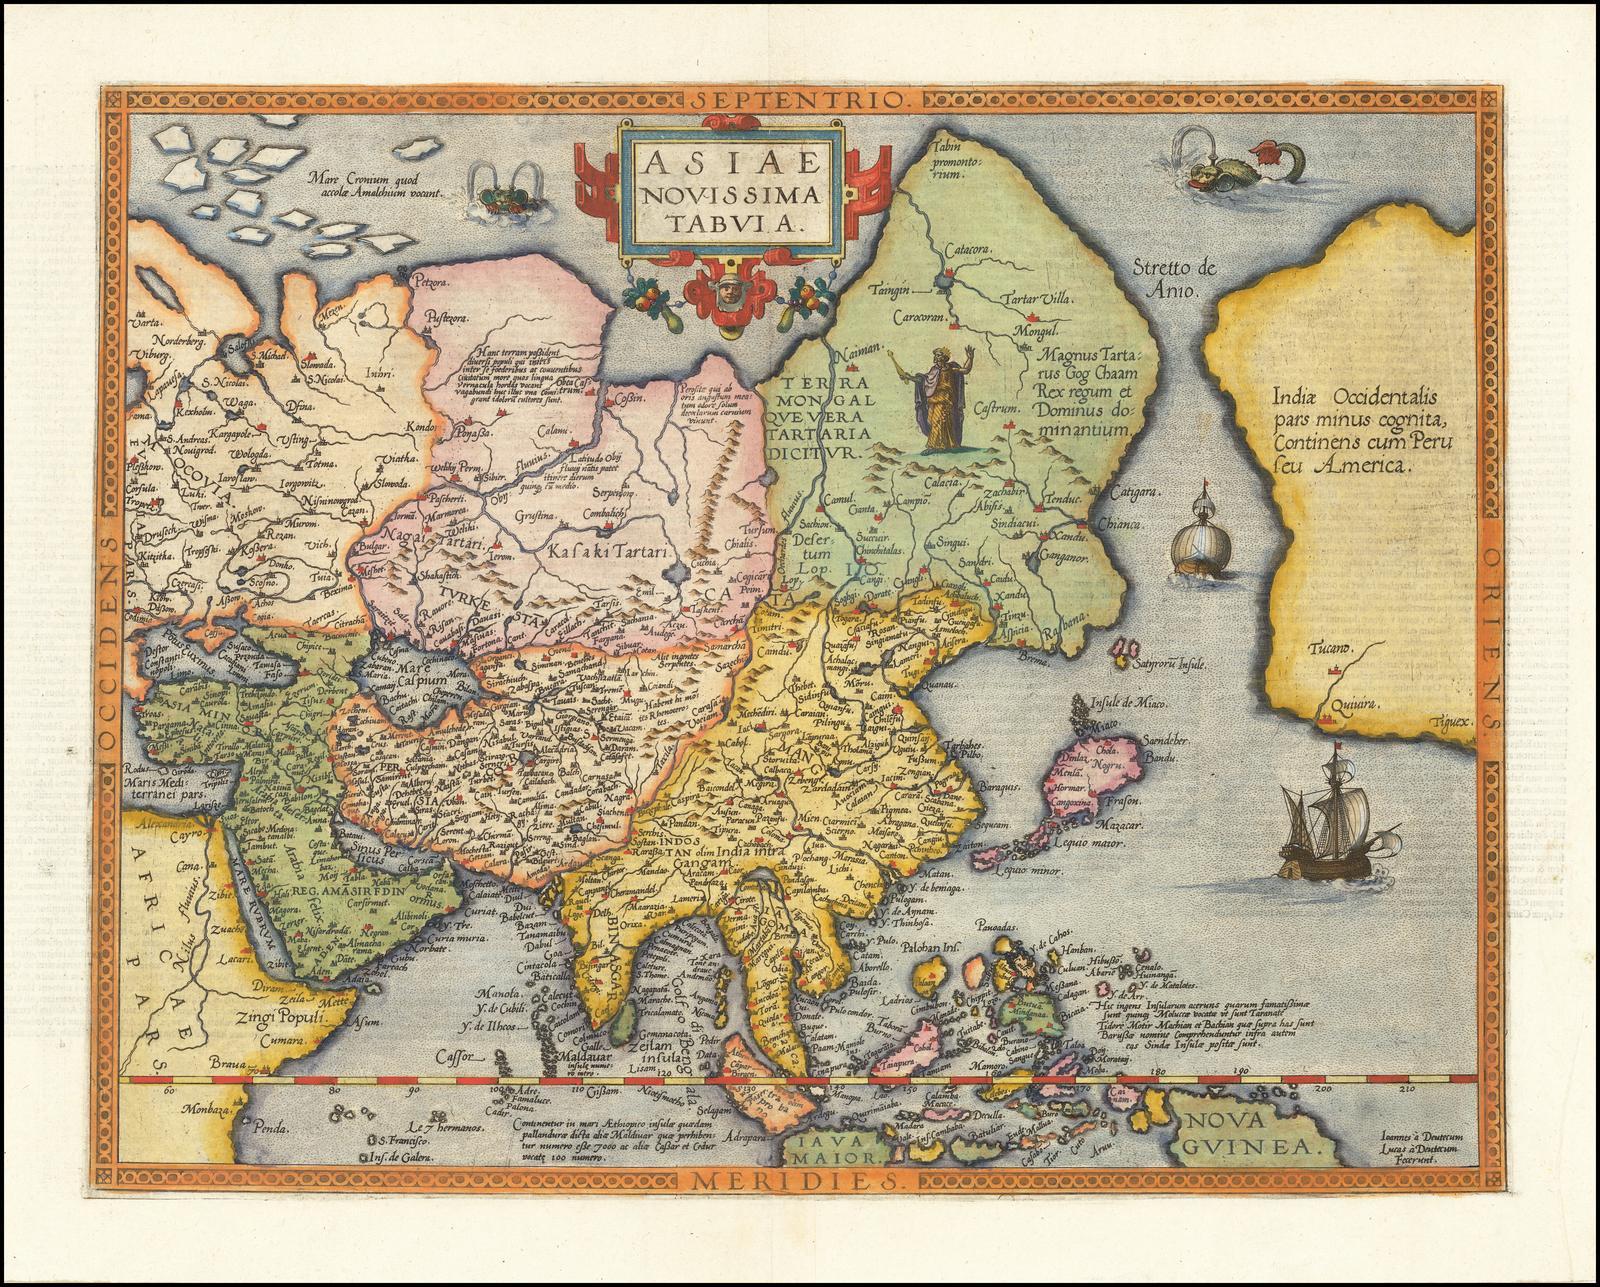 Одна из самых ранних карт, показывающих Филиппины